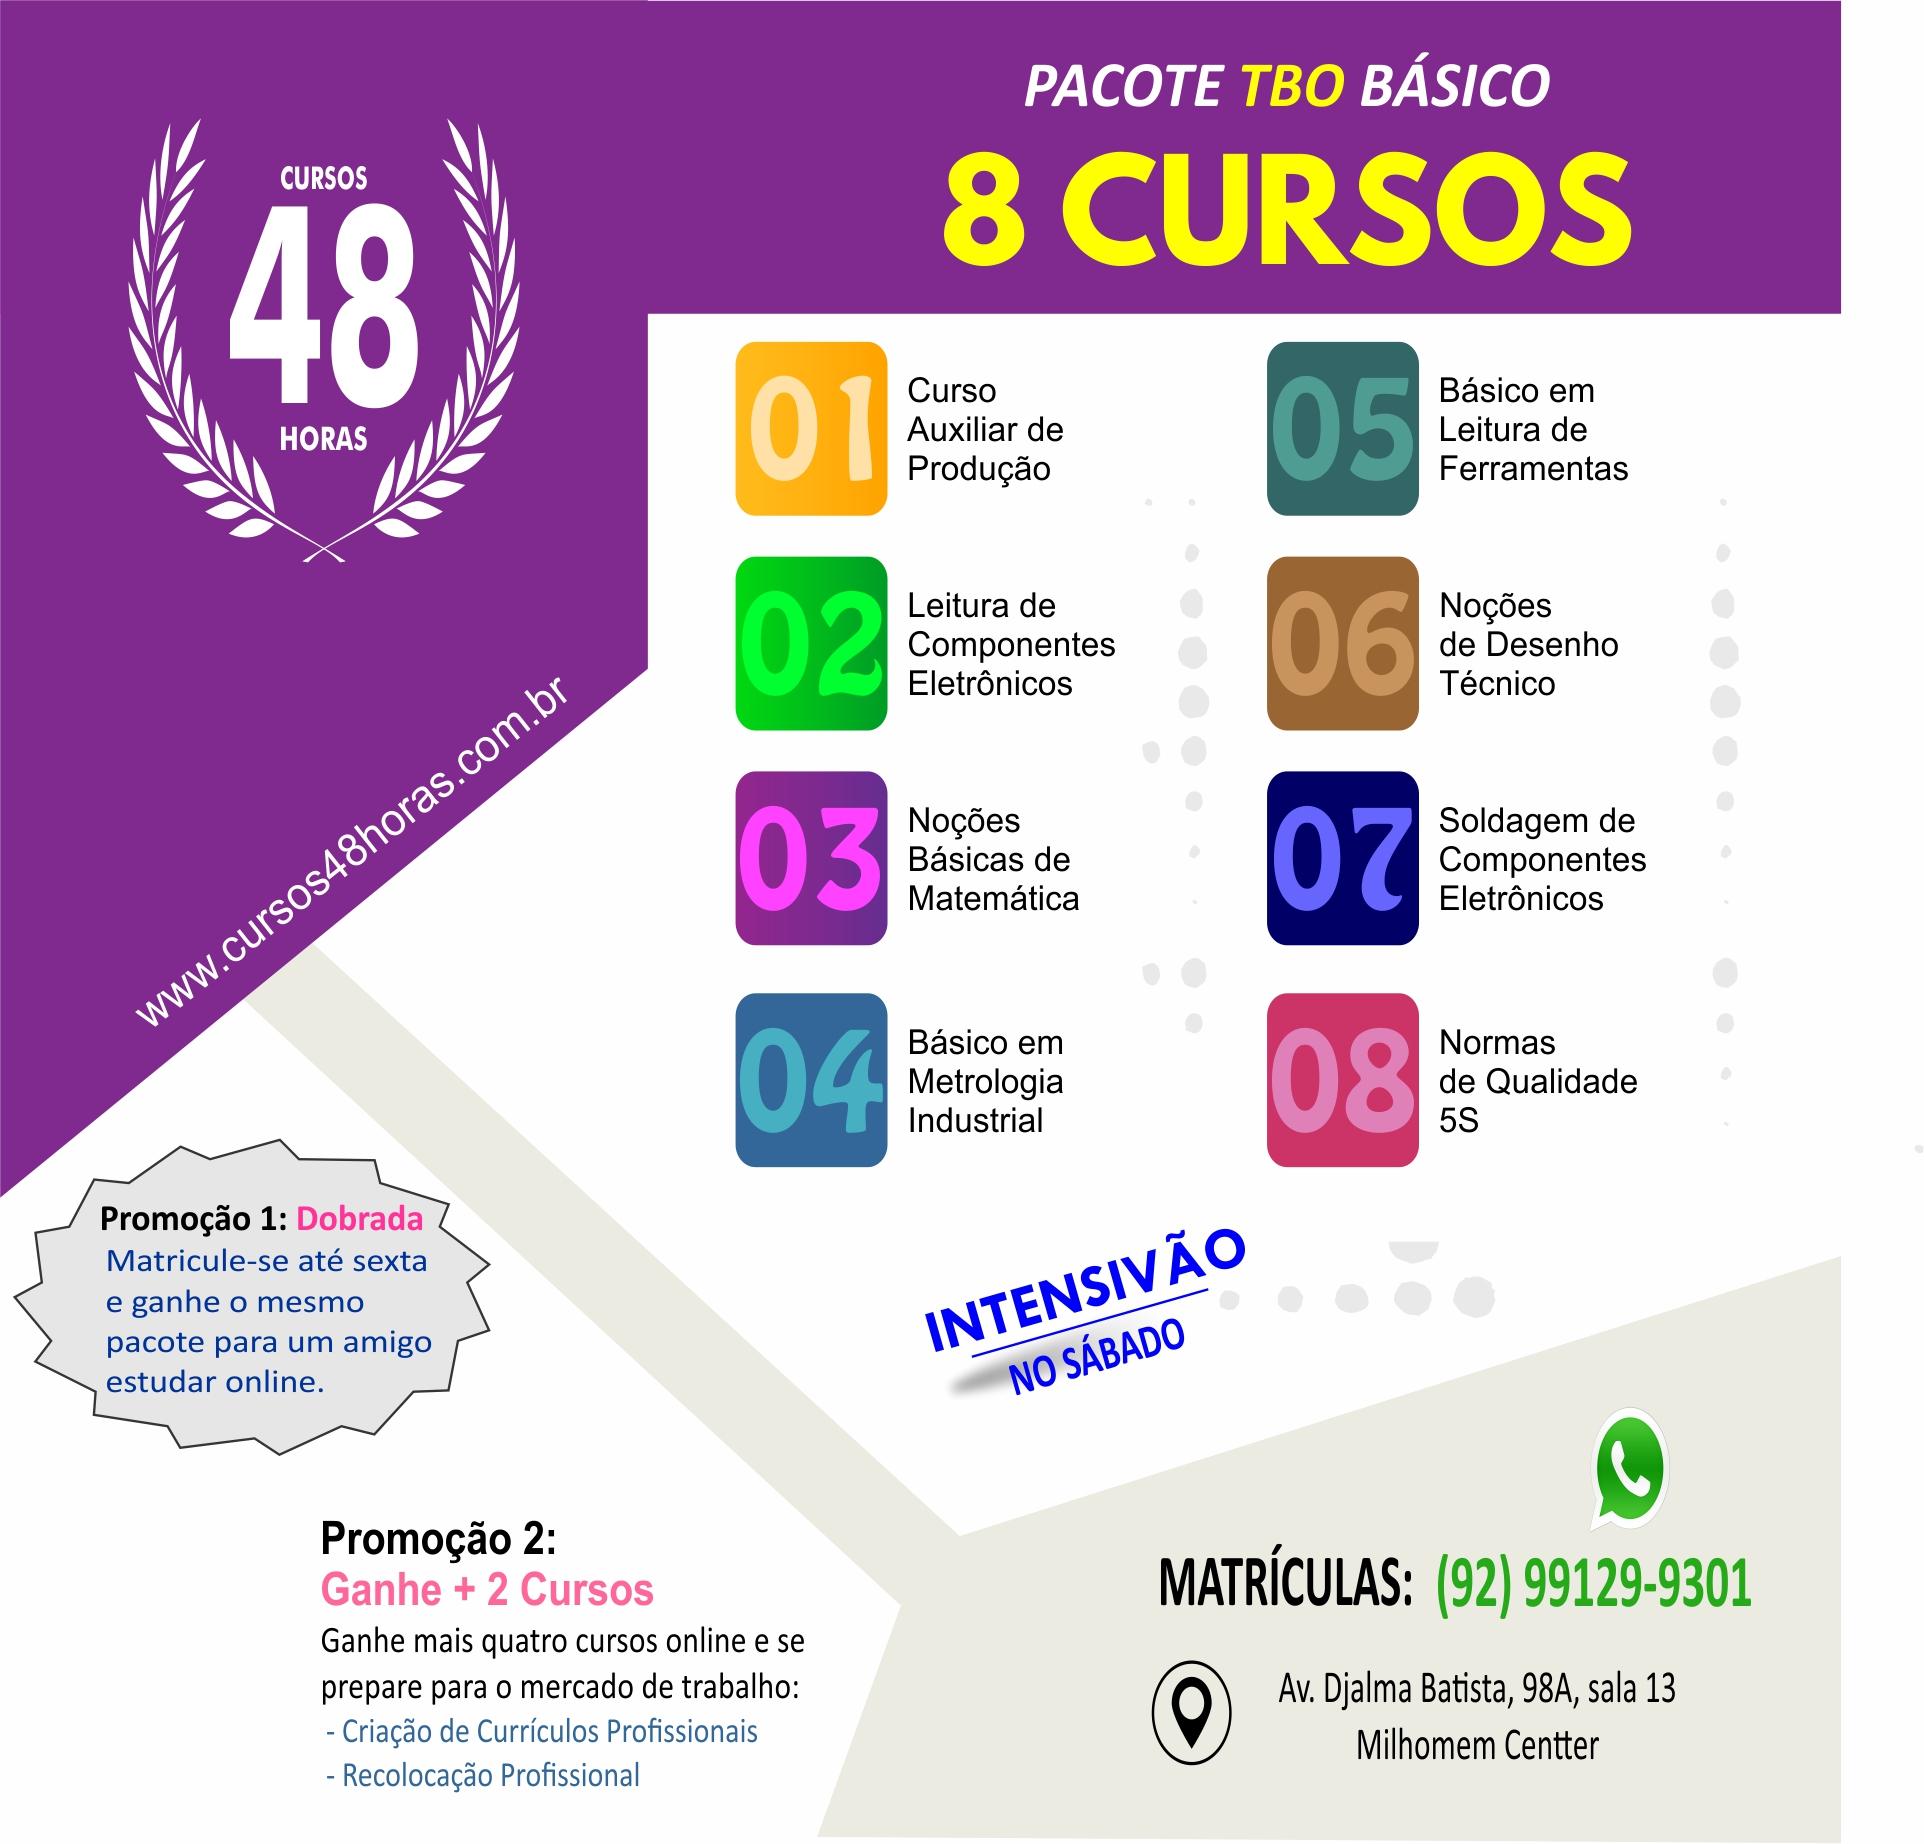 Pacote TBO Básico (8 cursos)